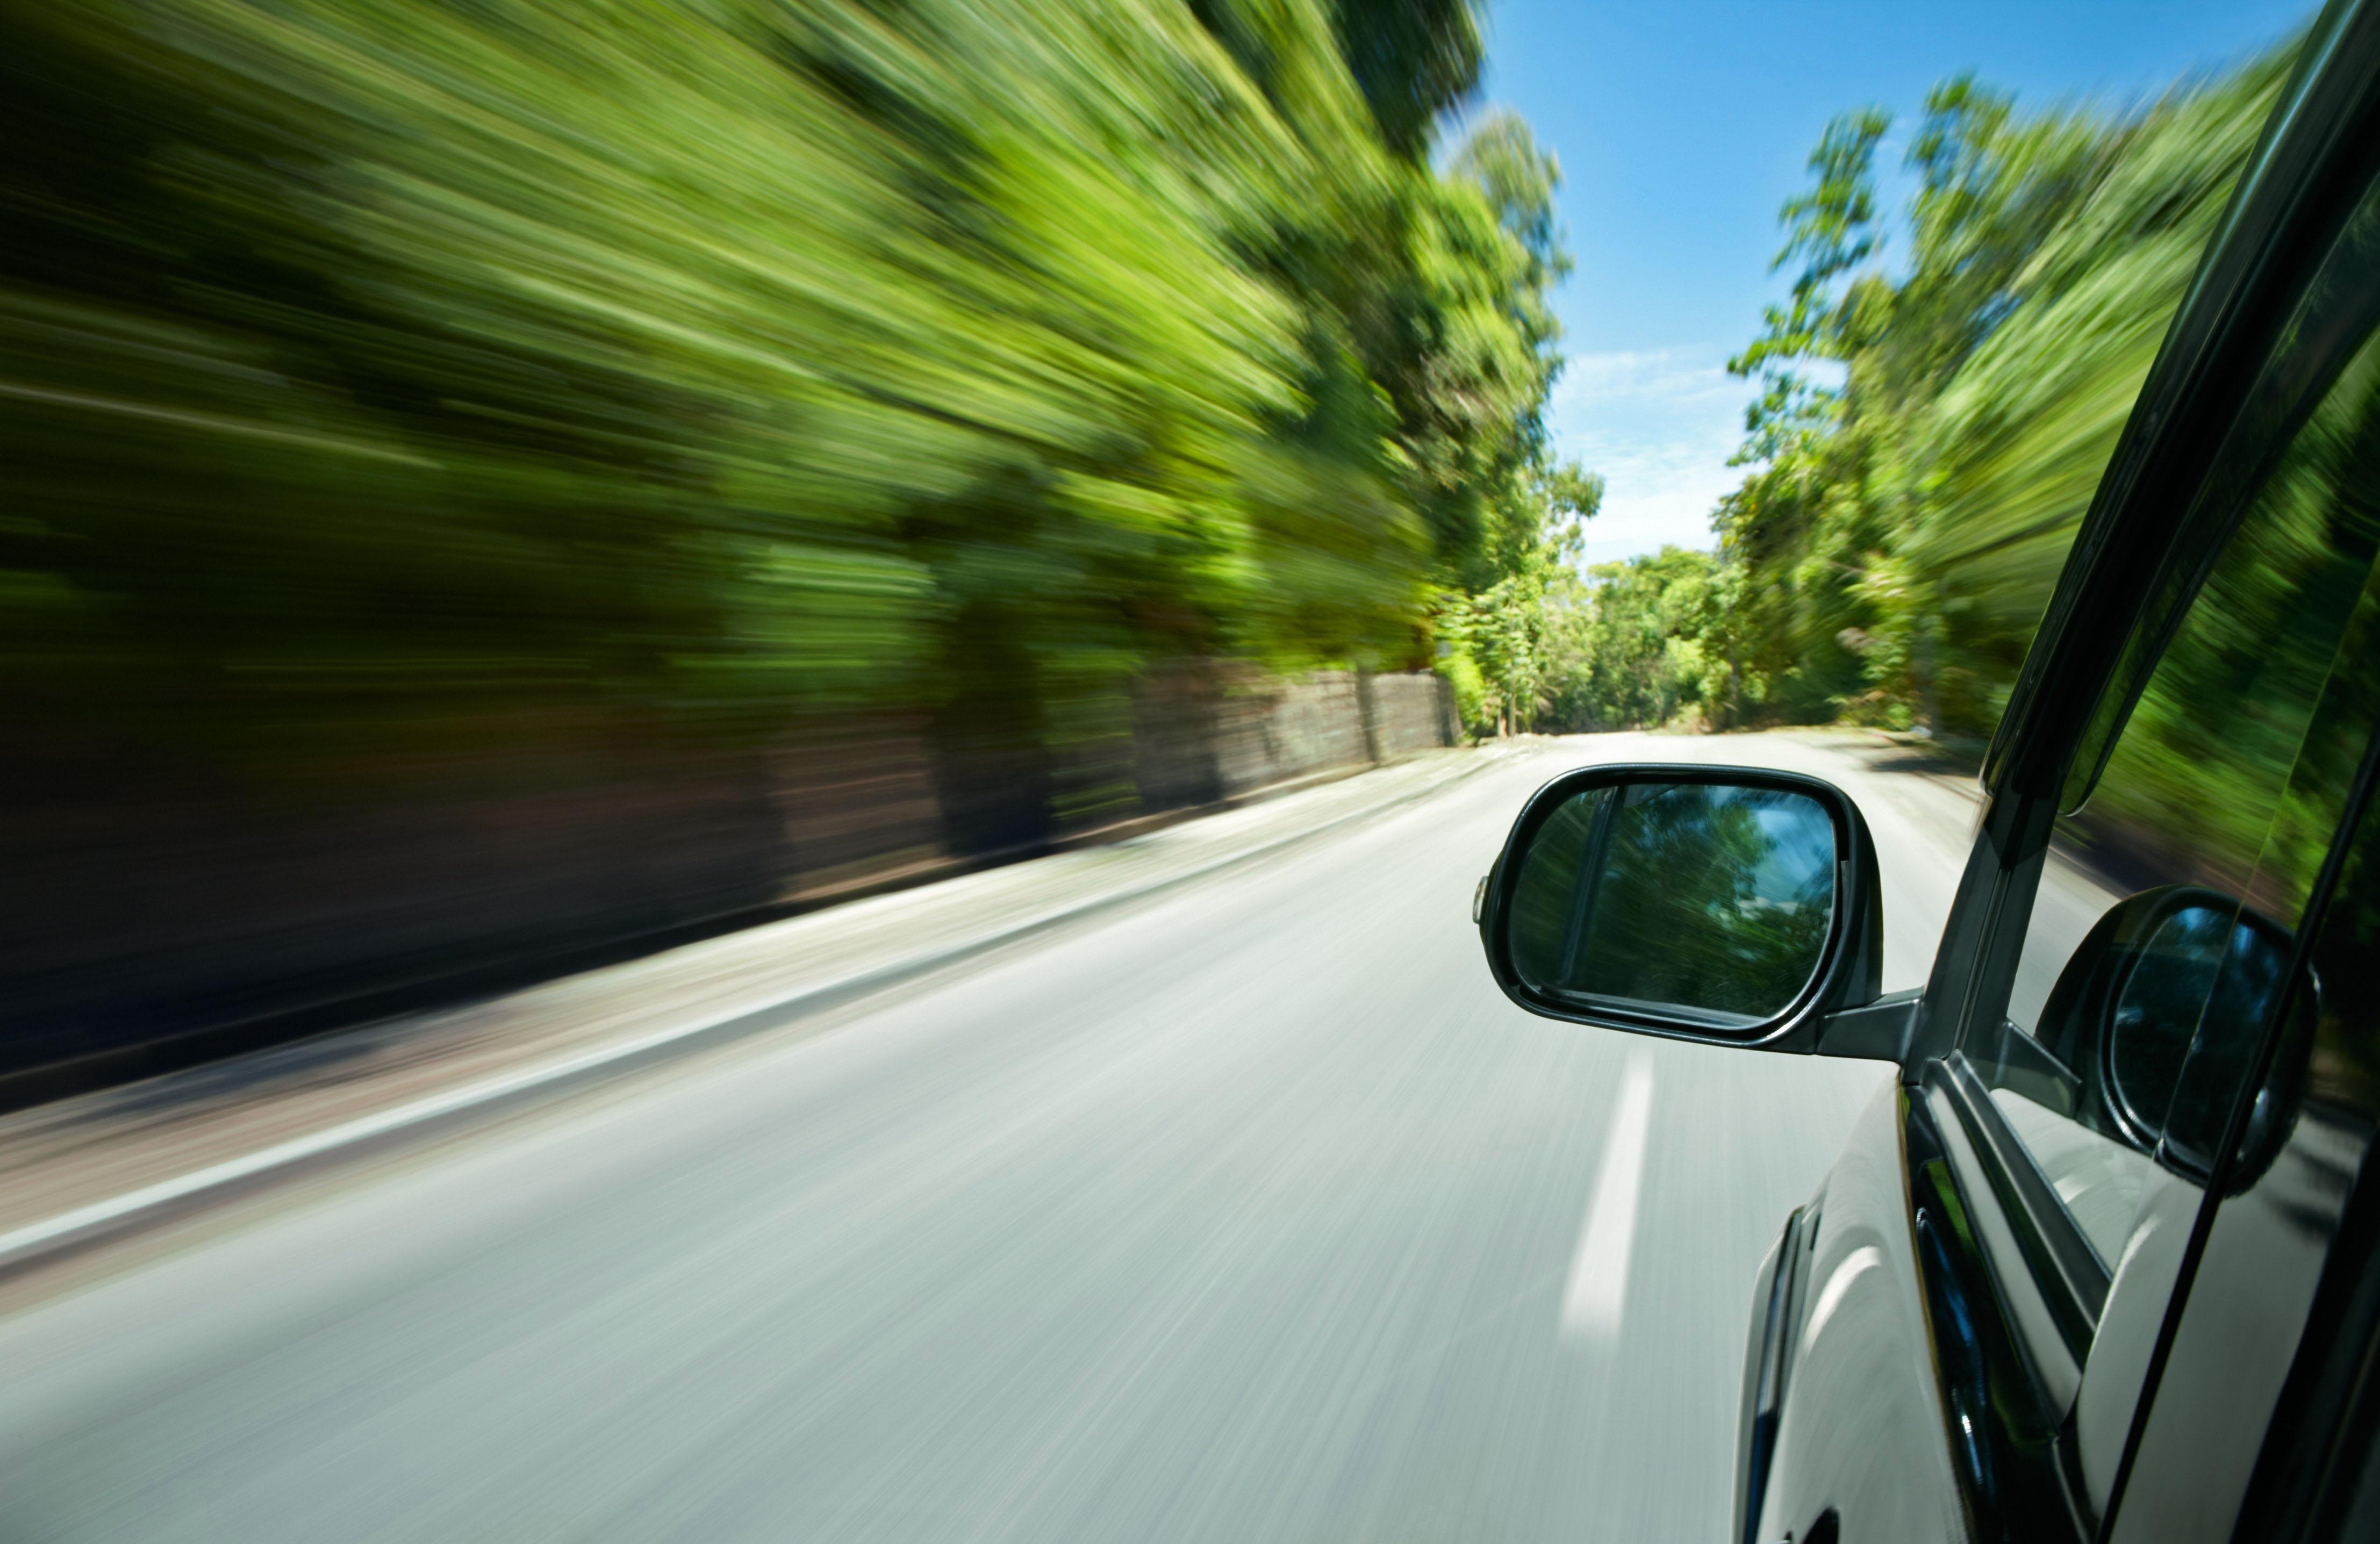 Benzindirekteinspritzung macht Motoren sparsamer